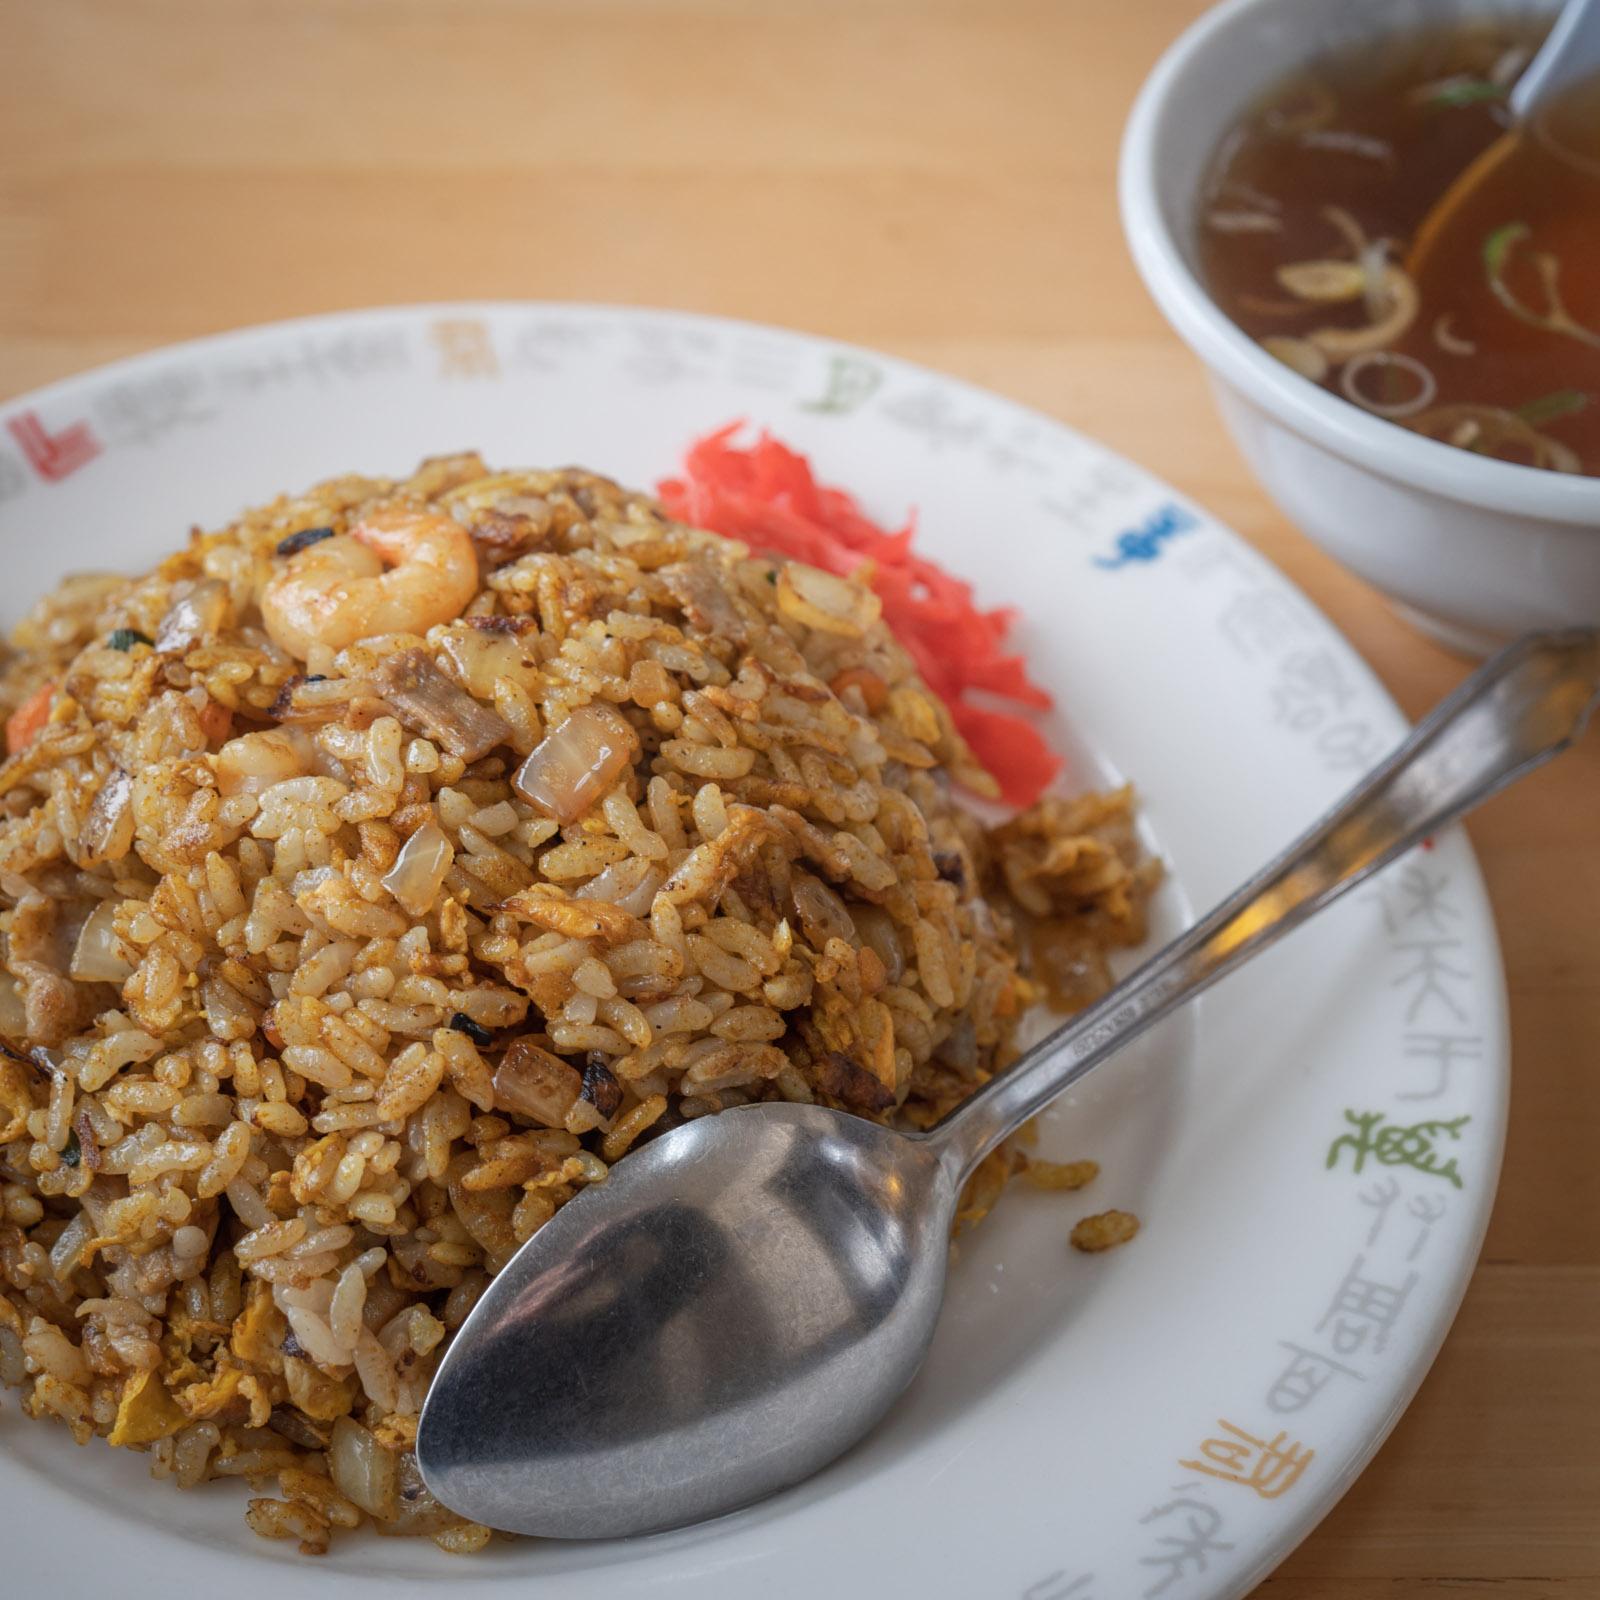 函館市湯川の中華料理店「りんさん」のカレー炒飯とスープ